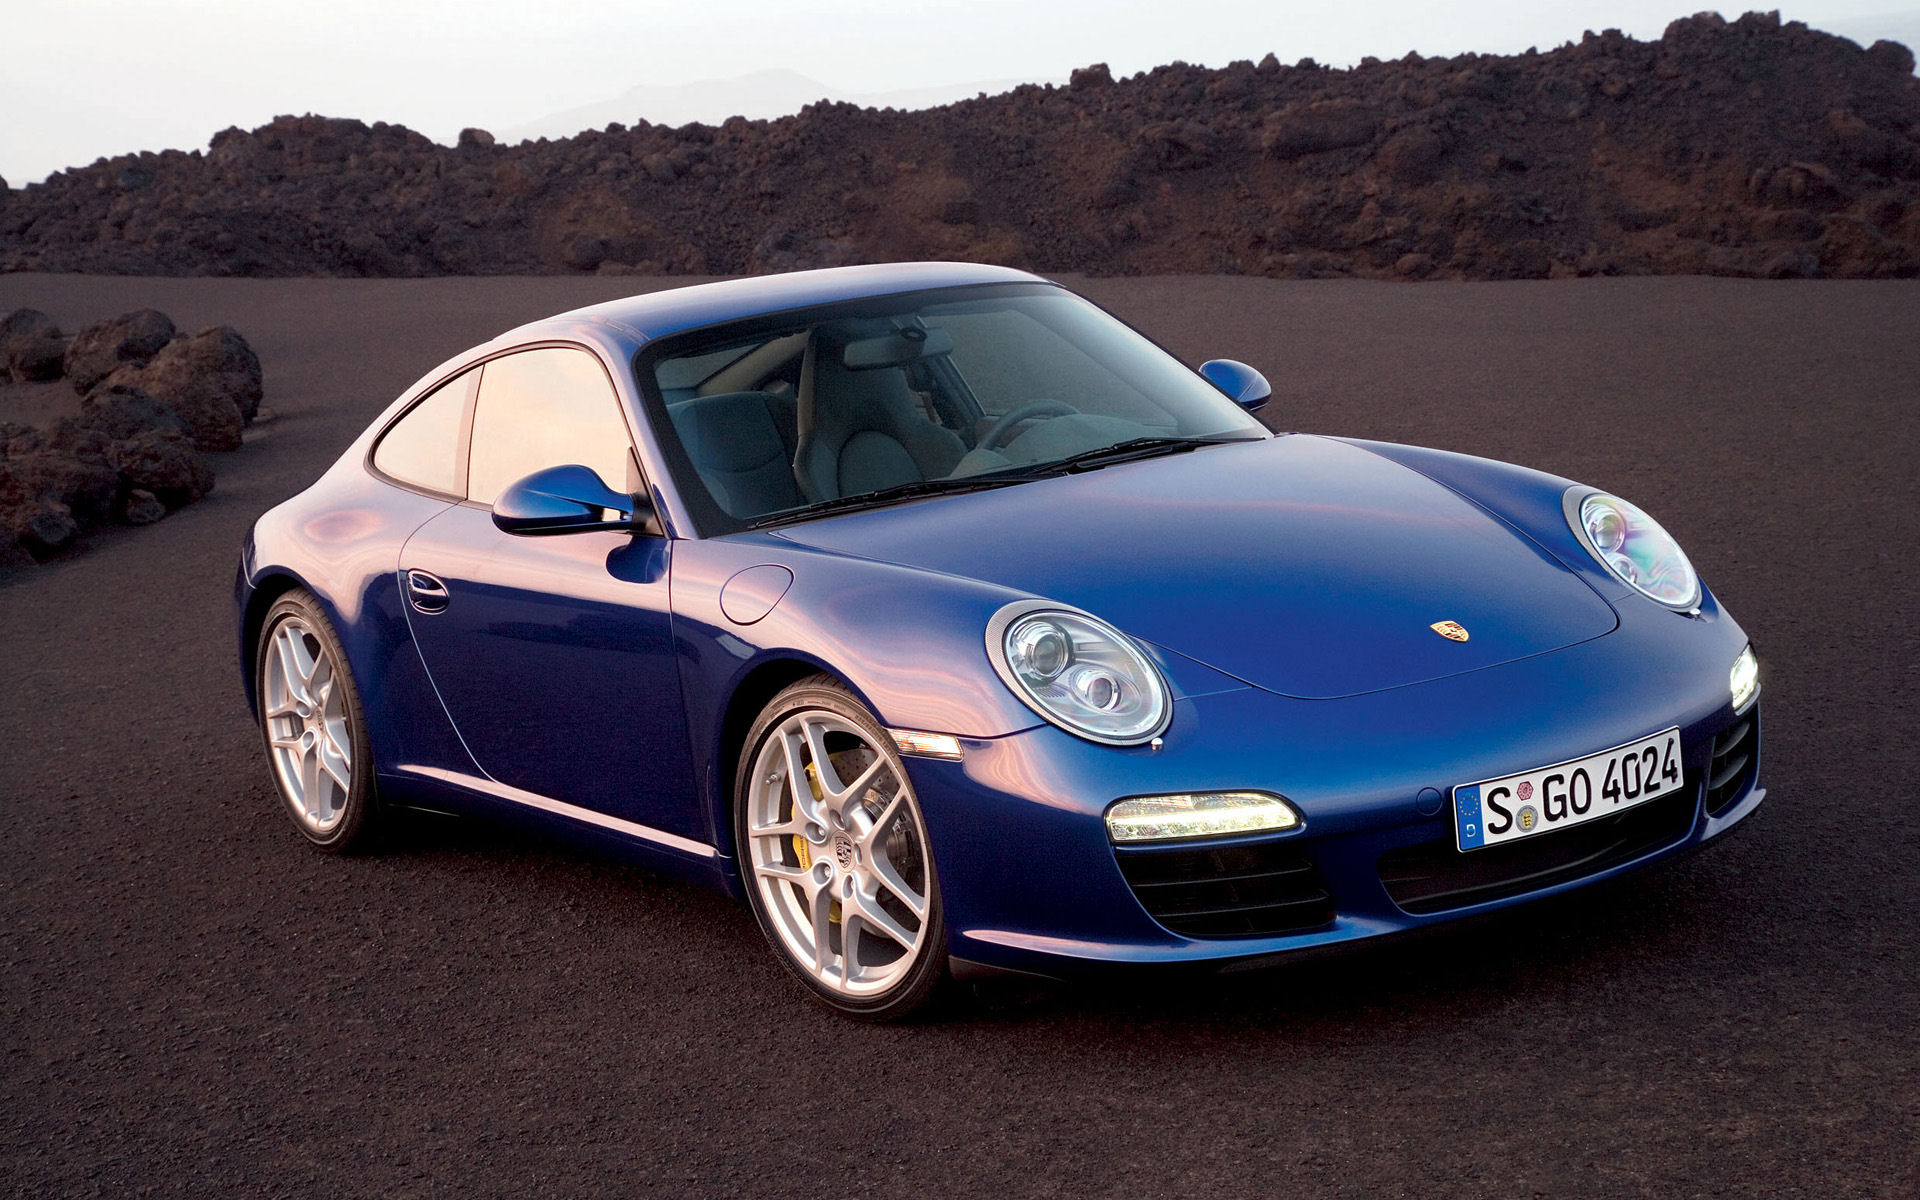 50 Porsche 911 Wallpaper Widescreen On Wallpapersafari